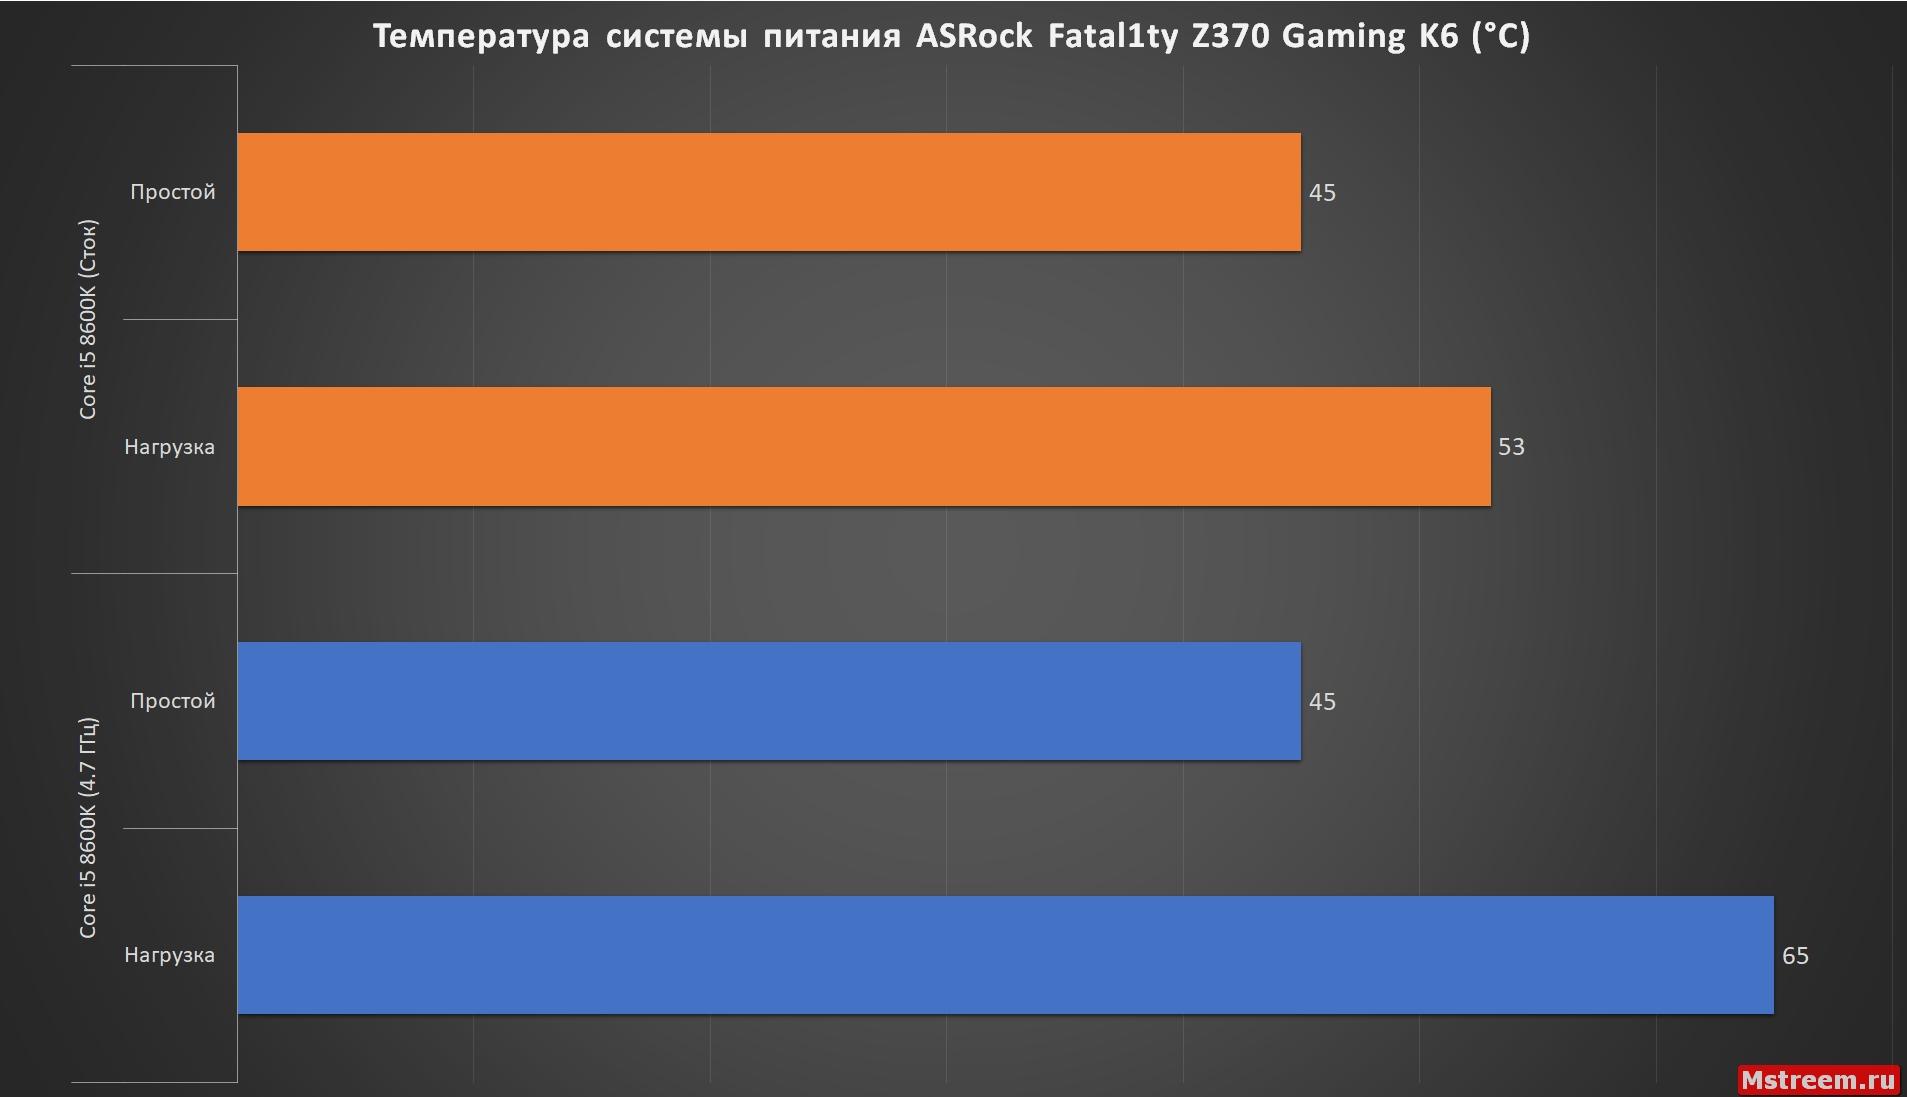 Температура системы питания процессора. ASRock Fatal1ty Z370 Gaming K6